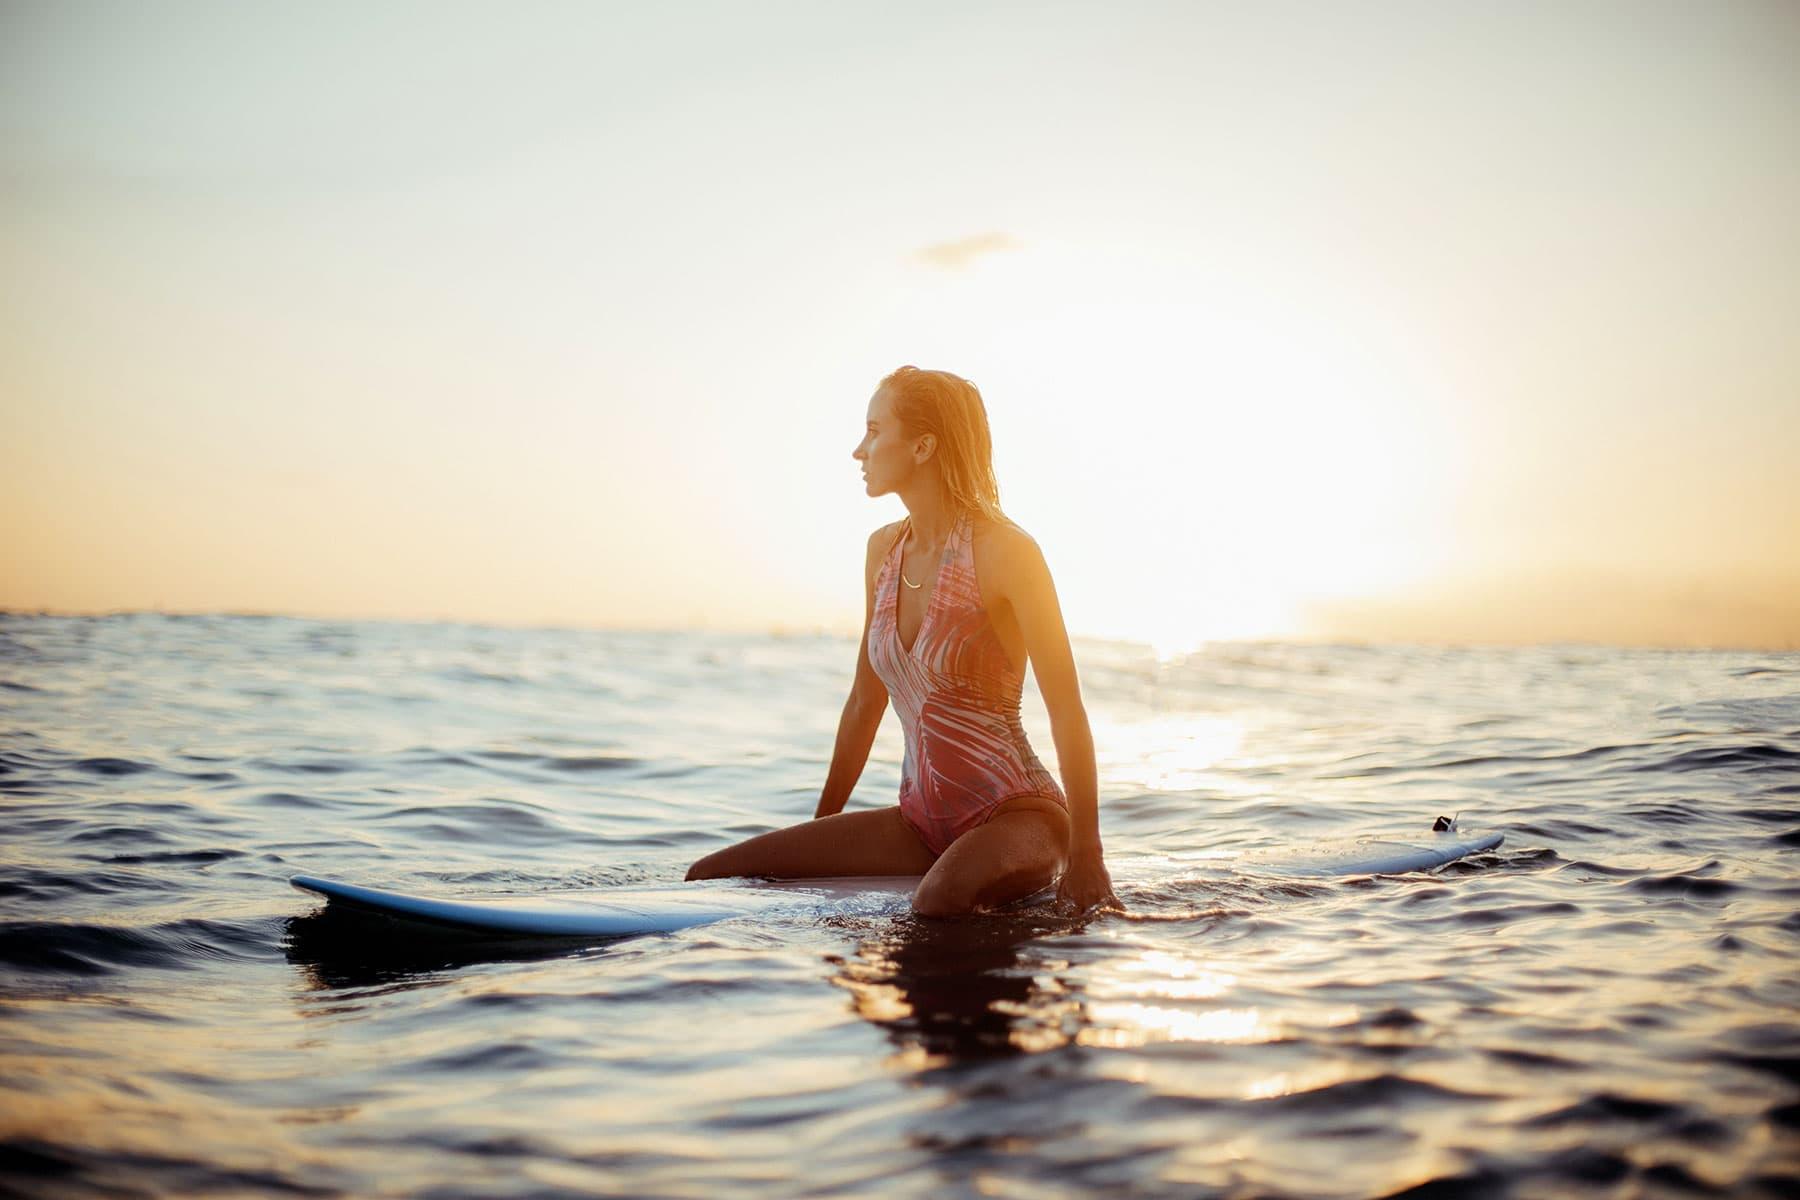 Skräddarsydda-resor-till-Hawaii-hos-Nygren-&-Lind-resebyrå---tjej-på-surfbräda